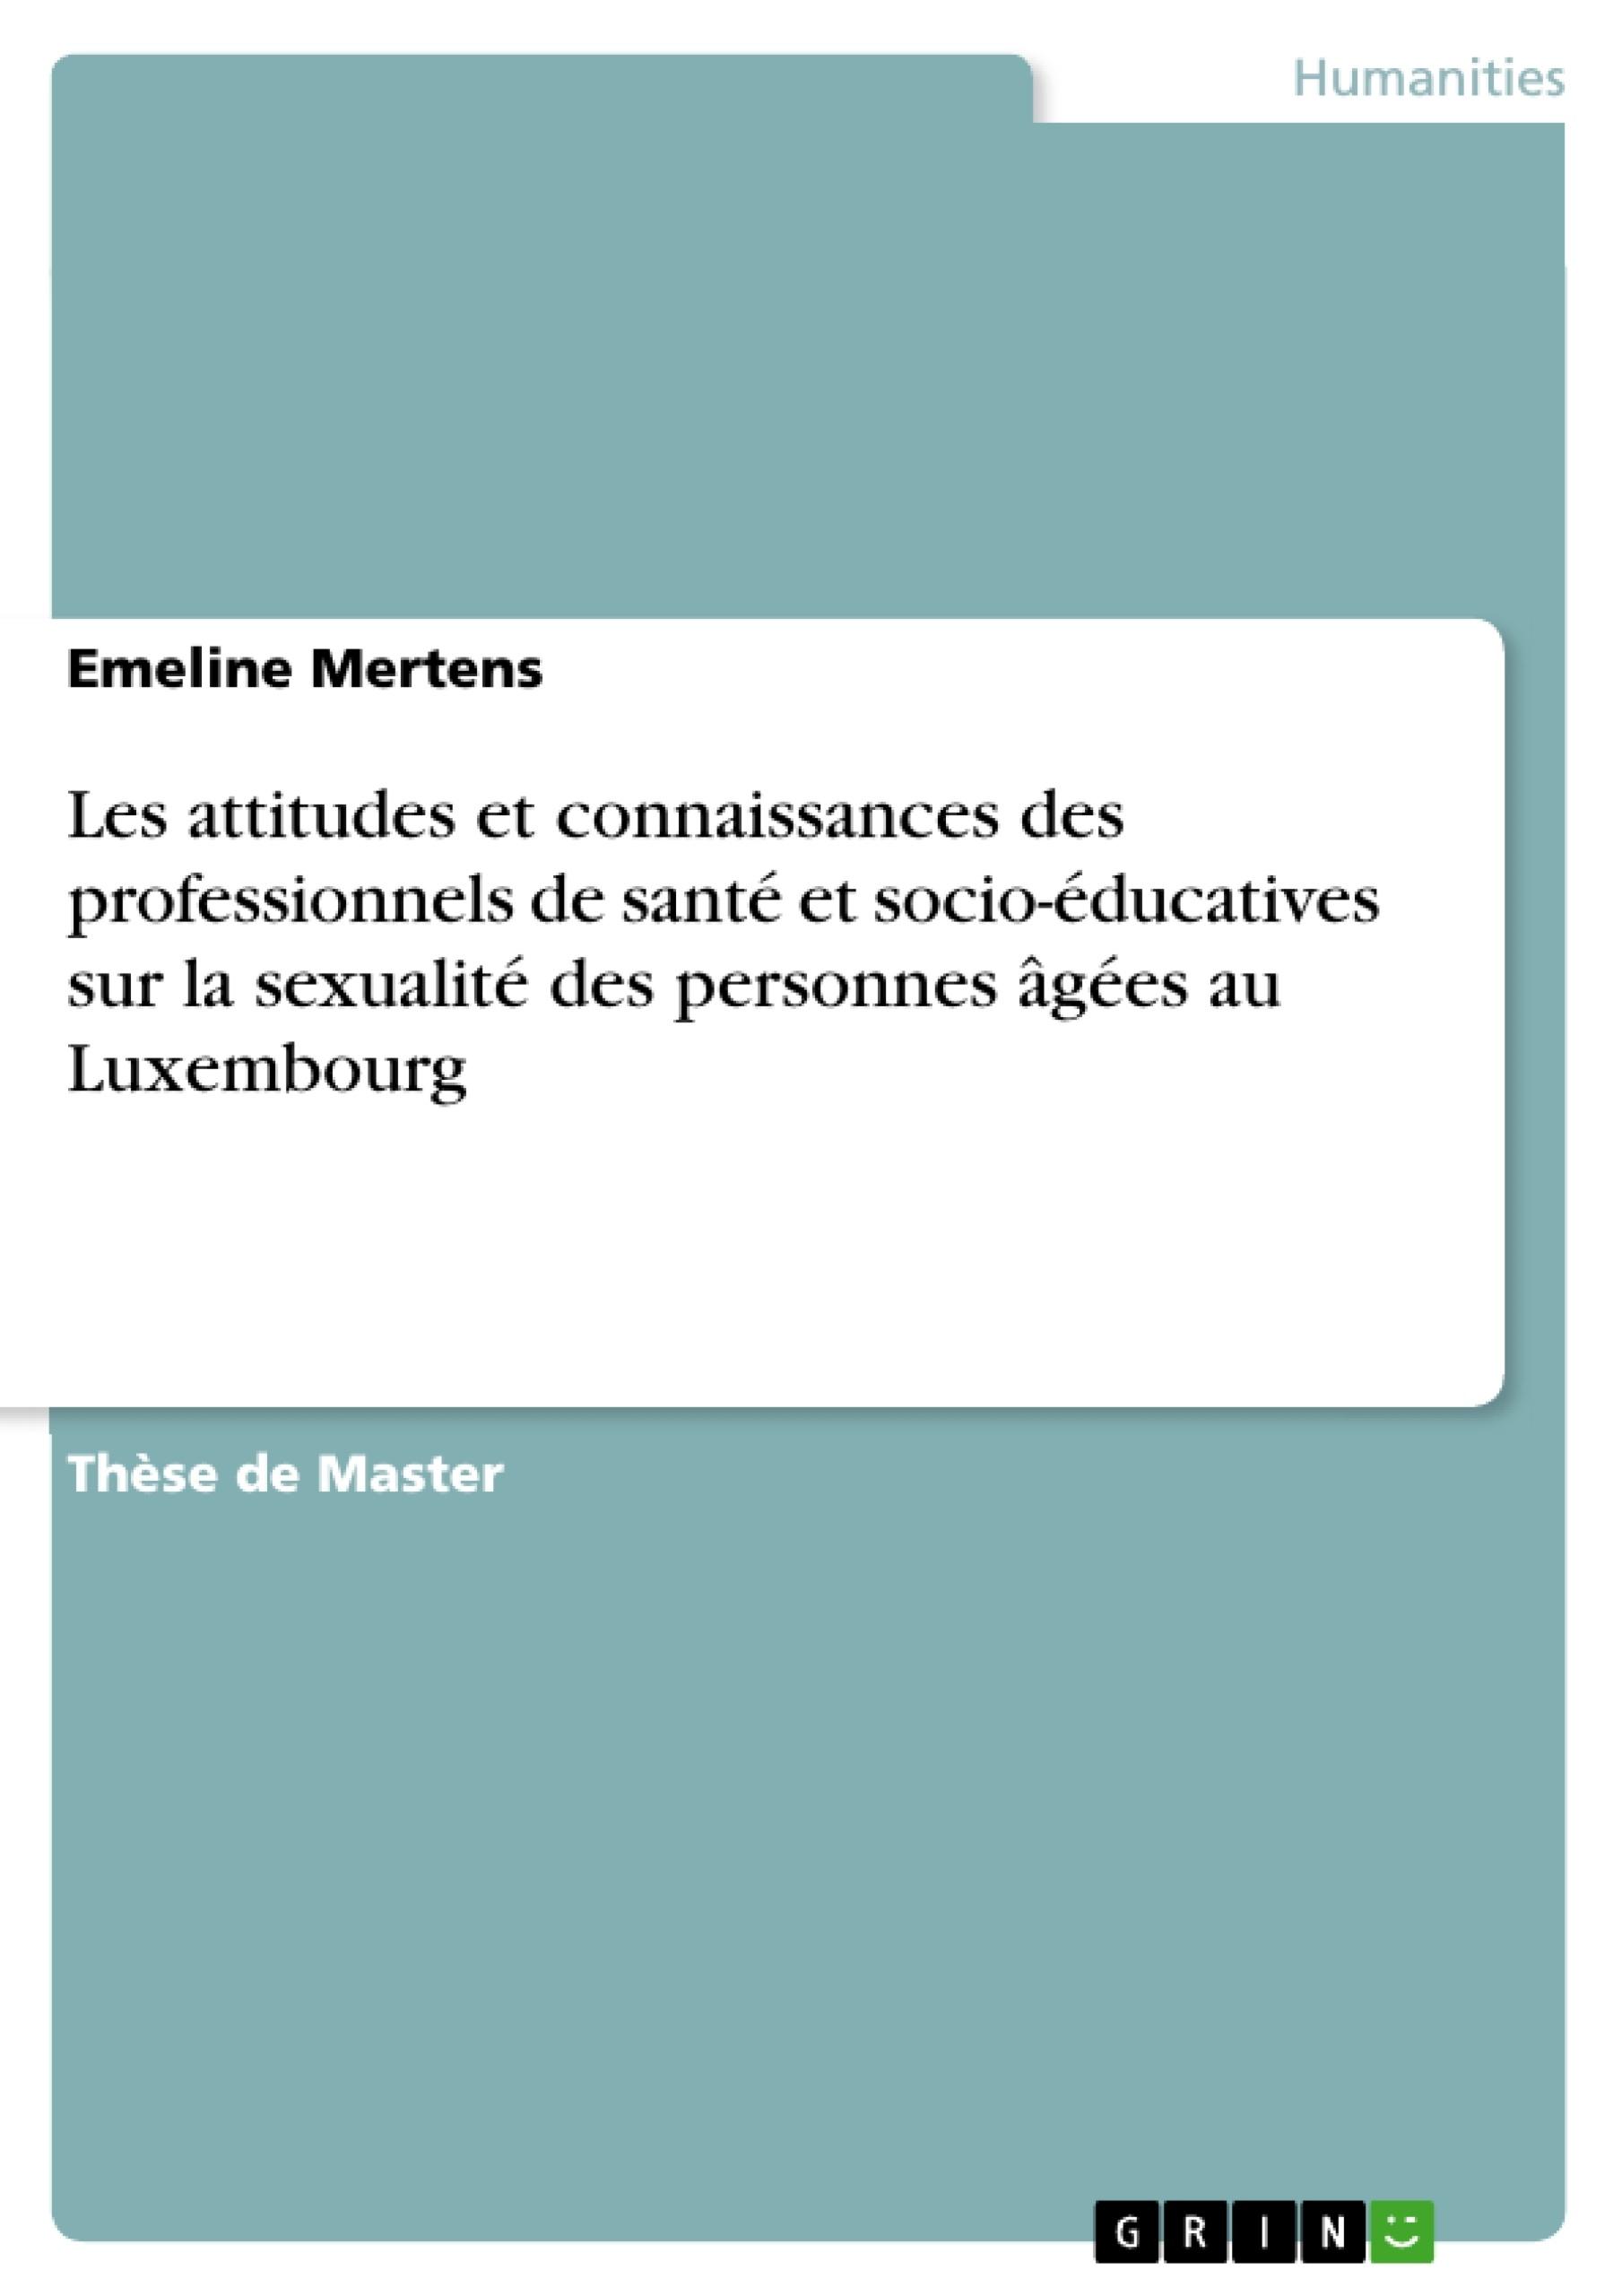 Titre: Les attitudes et connaissances des professionnels de santé et socio-éducatives sur la sexualité des personnes âgées au Luxembourg